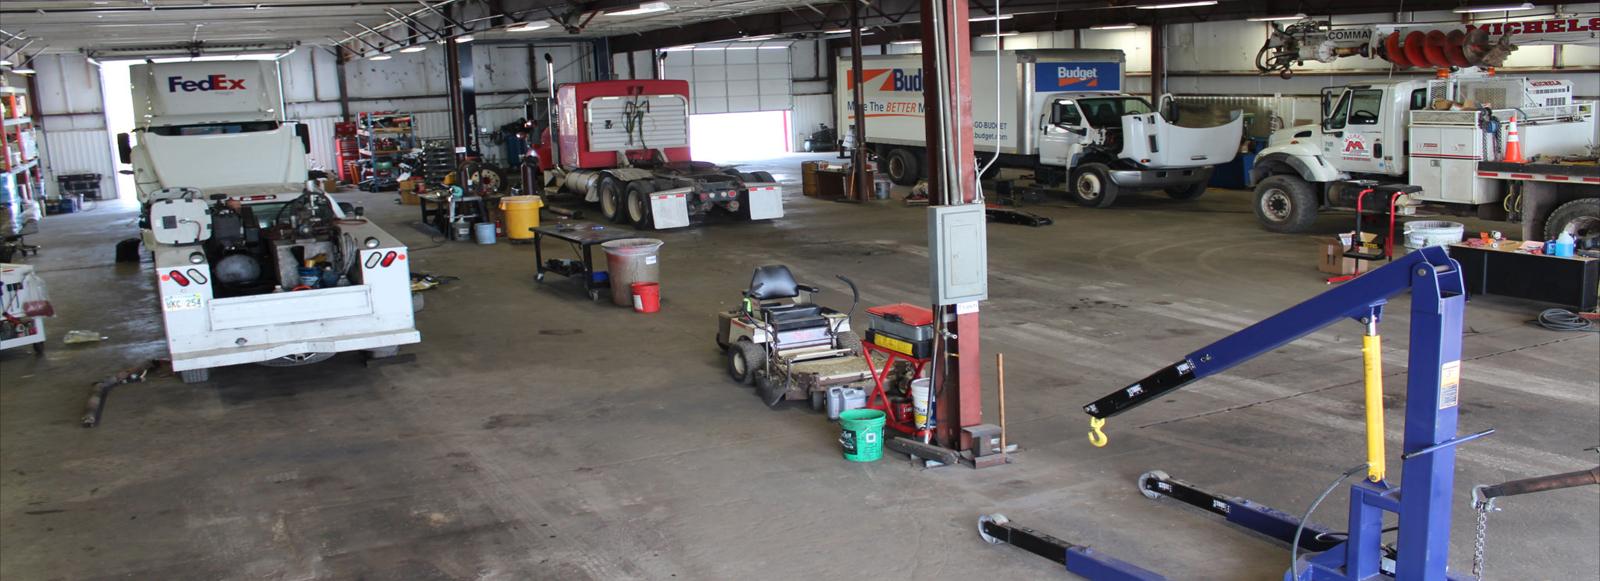 professional fleet services expert truck and fleet repair wichita ks 67217